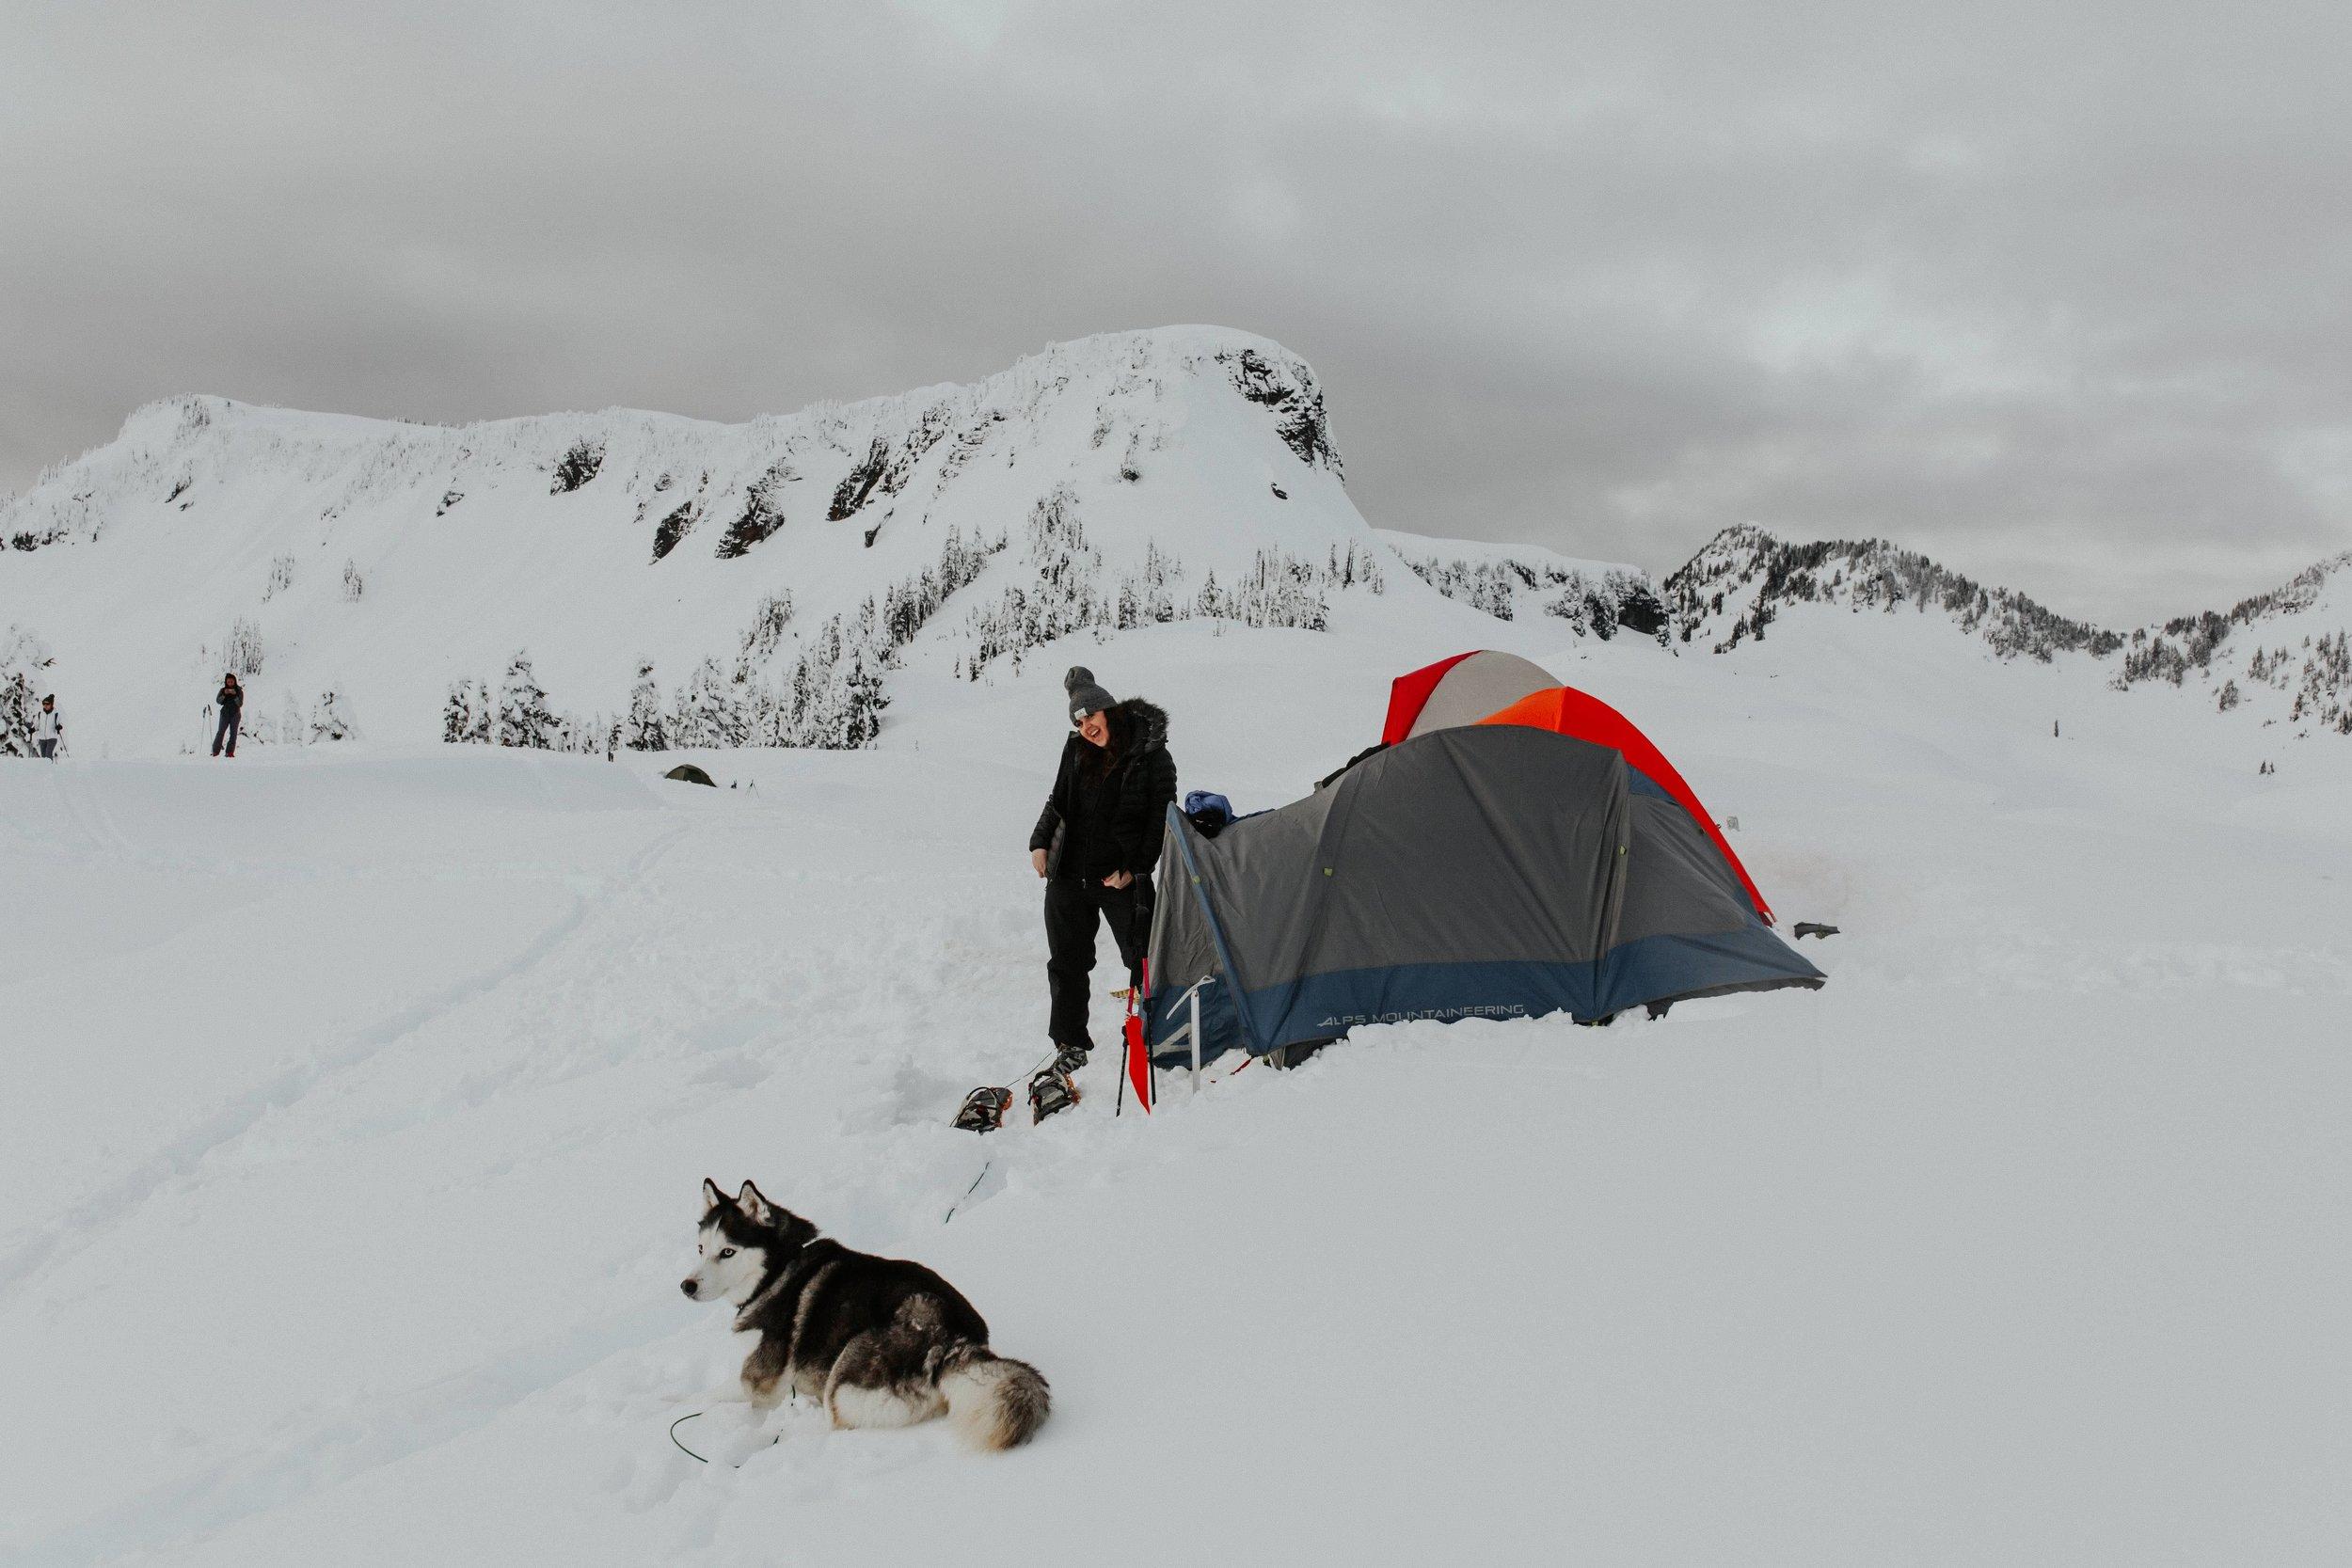 north-cascades-elopement-photographer-mount-baker-husky-snow-camping.jpg